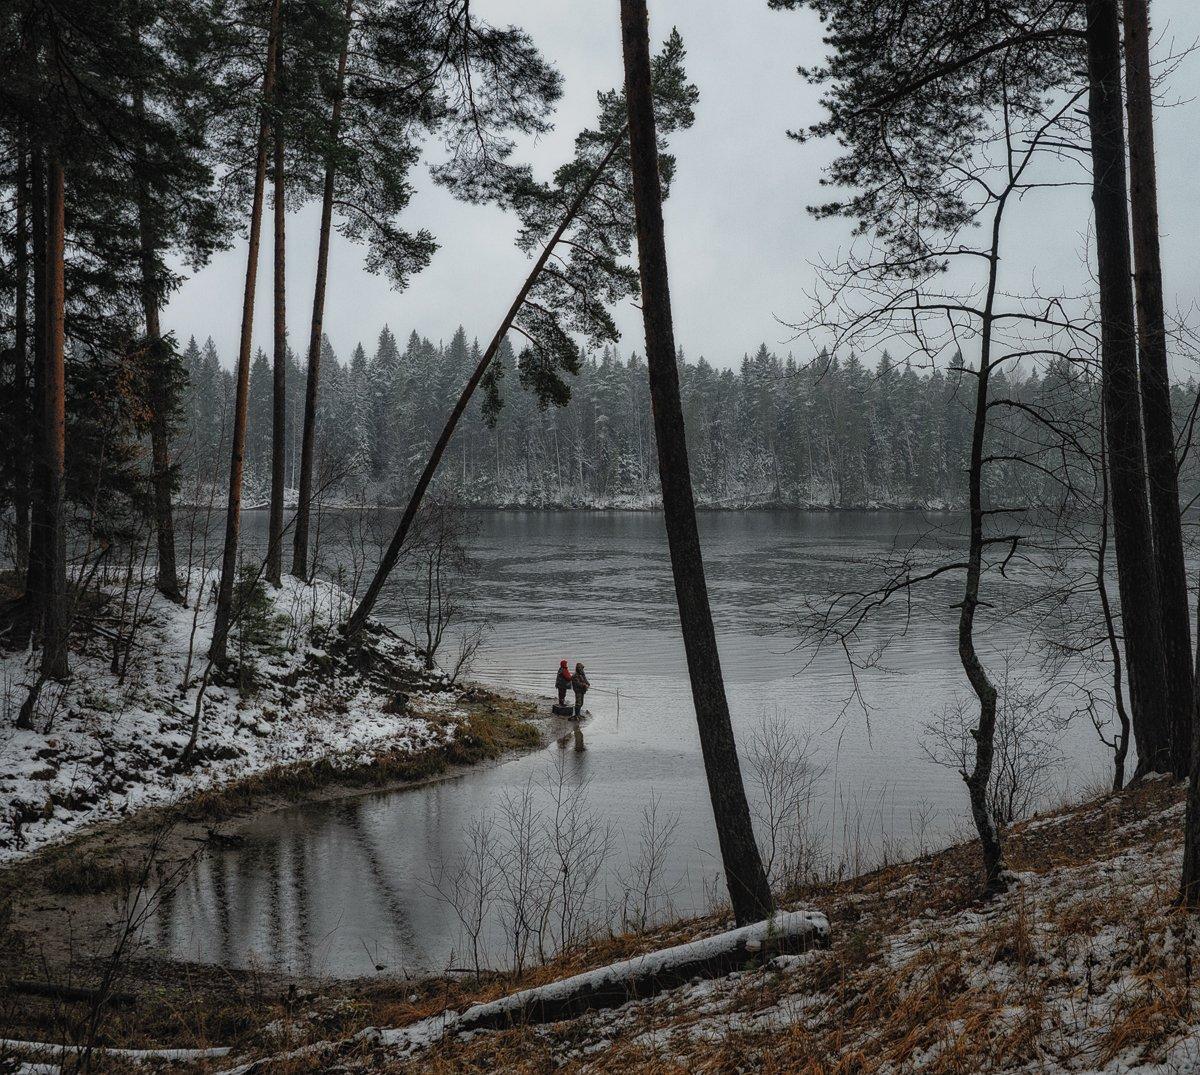 осень,дождь,рыбалка,рыбаки,река,берег,ноябрь, Евгений Плетнев